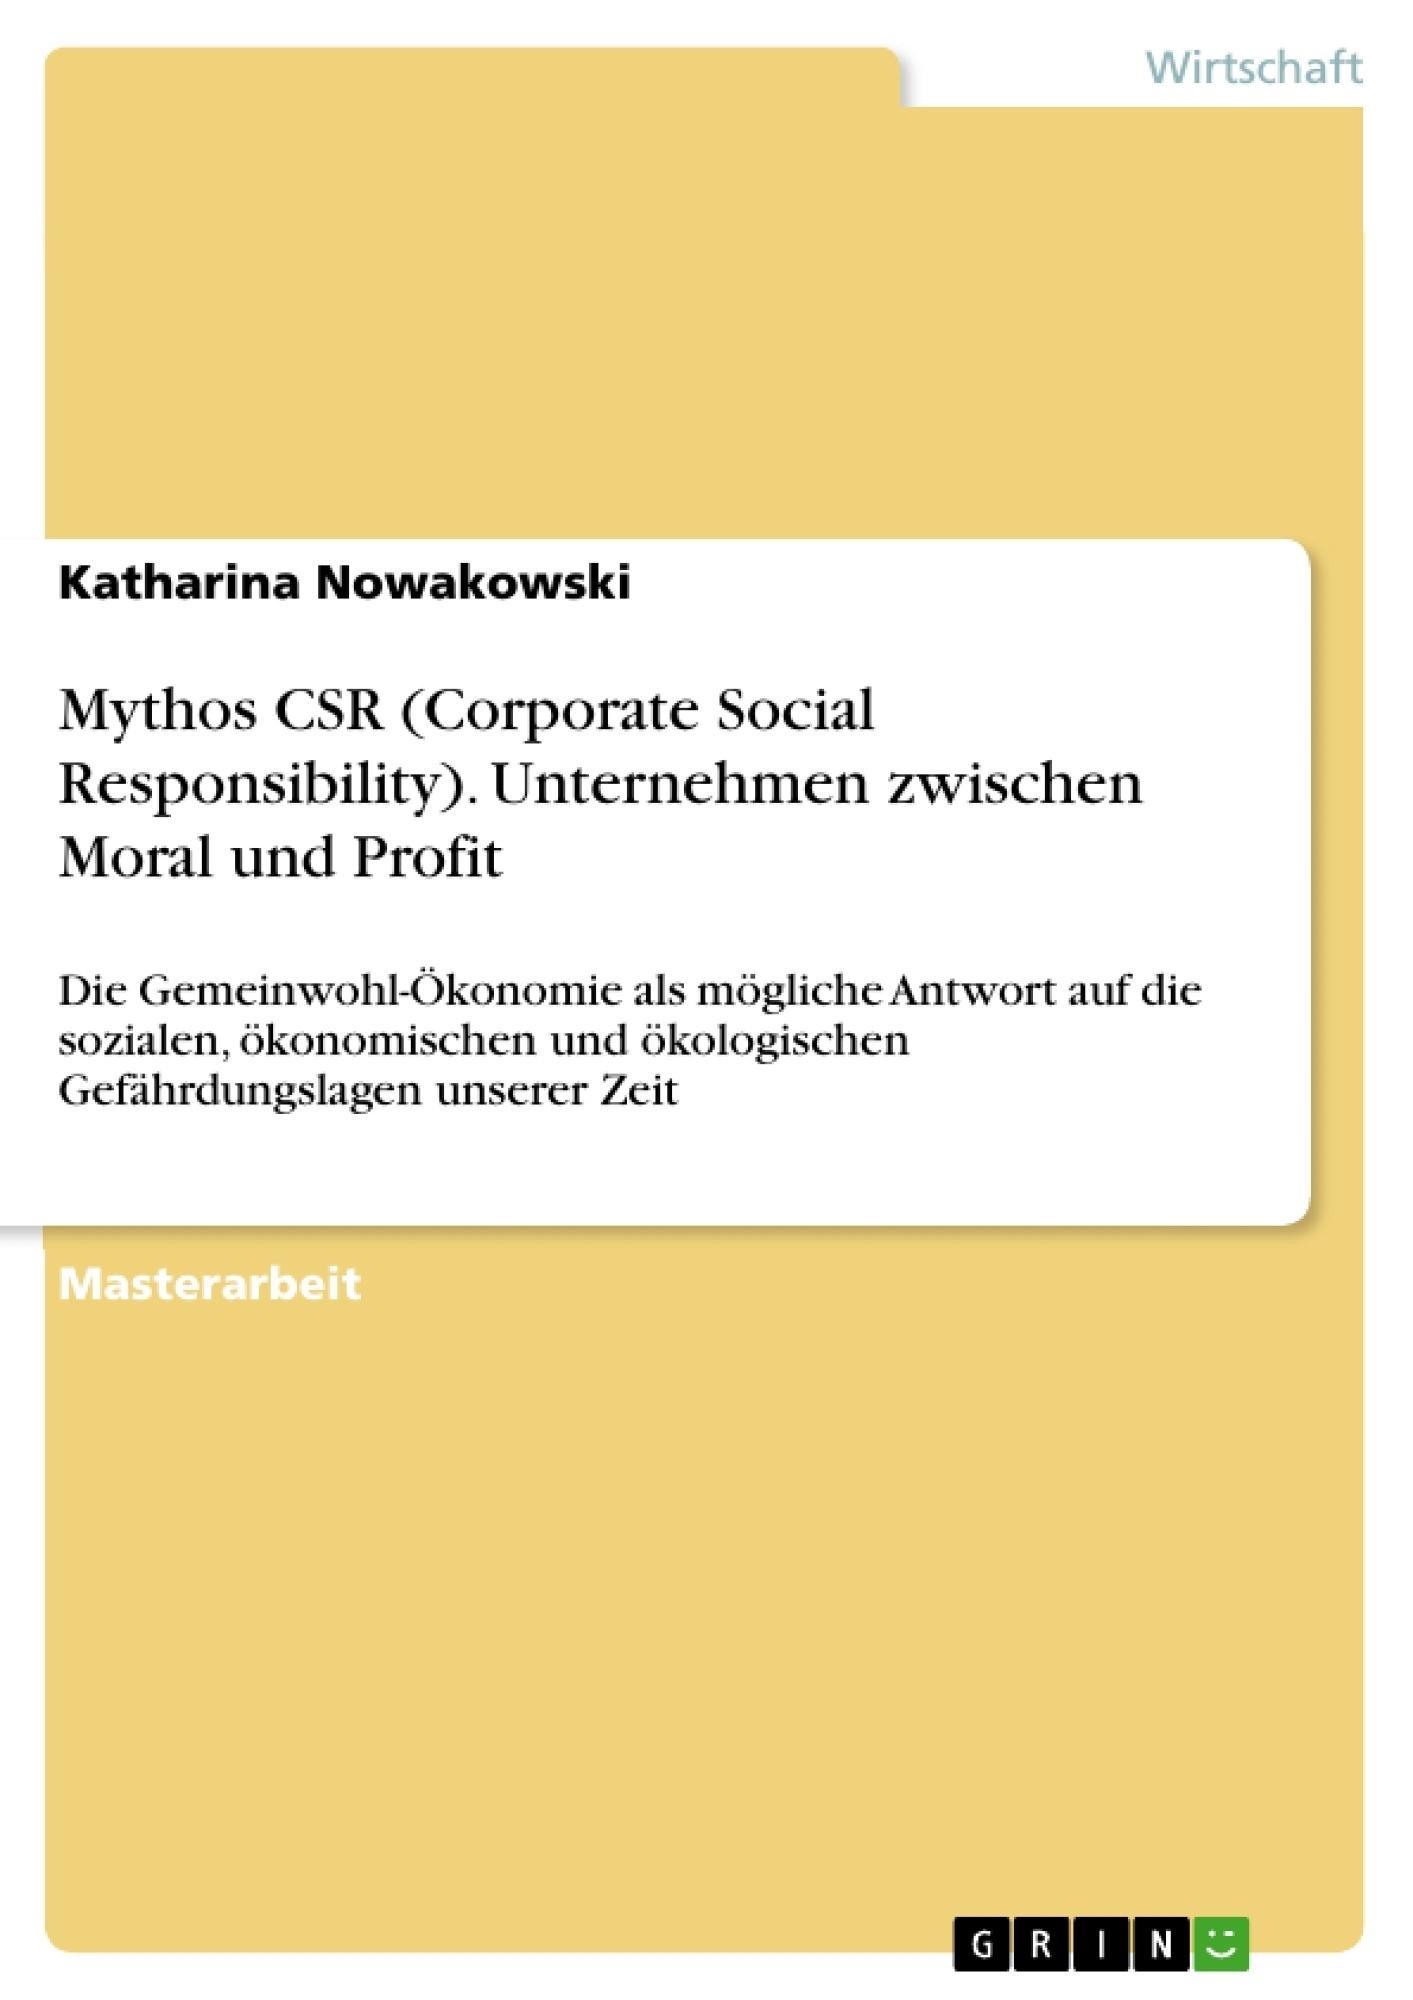 Titel: Mythos CSR (Corporate Social Responsibility). Unternehmen zwischen Moral und Profit